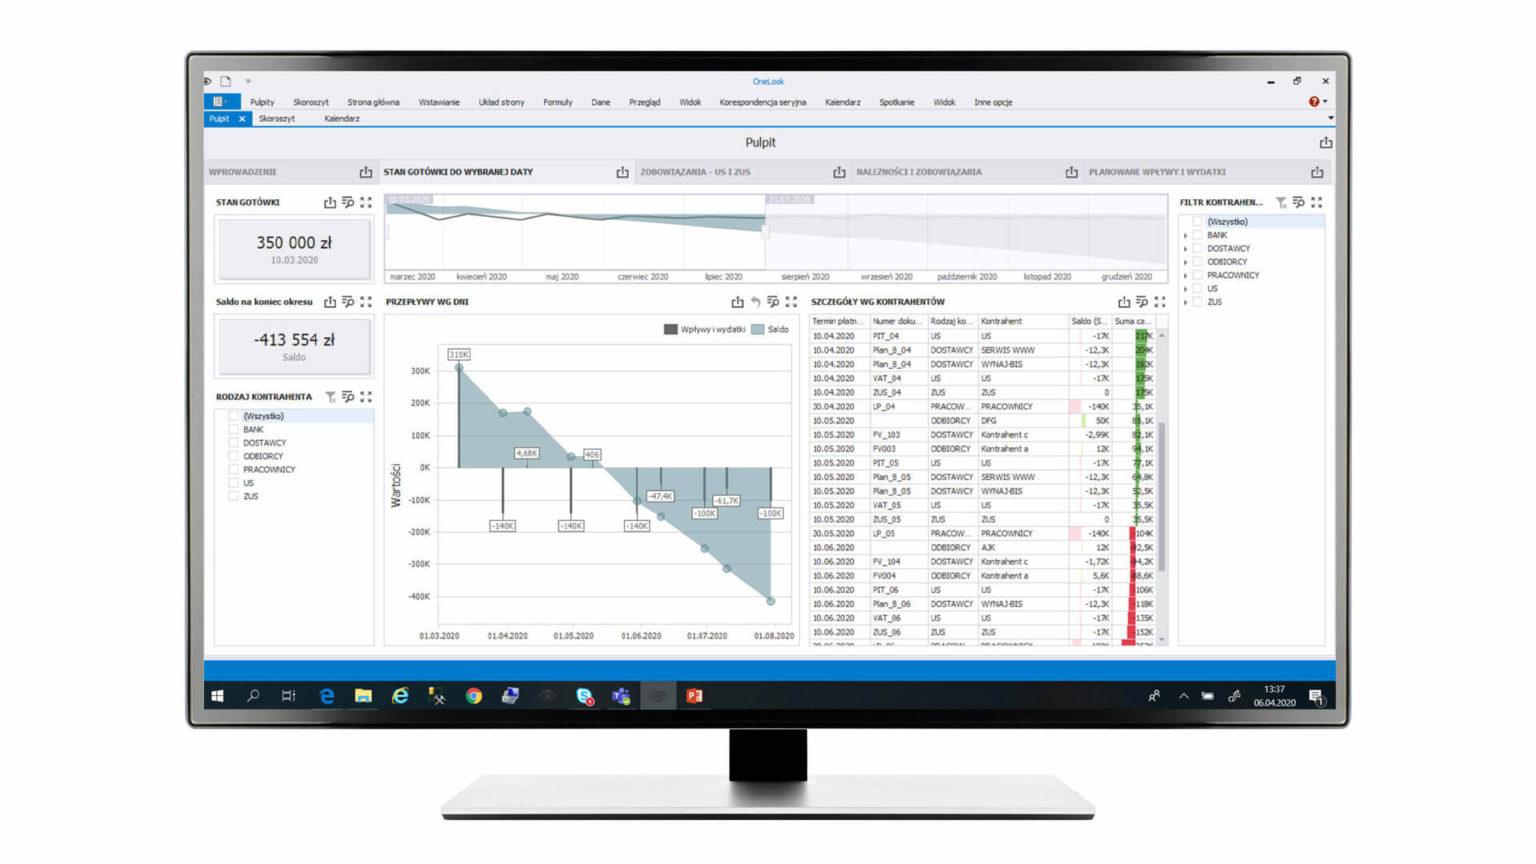 Analiza cash flow  Zaawansowany pulpit łączy dane z kilku źródeł. Znajdują się tutaj informacje o aktualnym                     stanie gotówki, zobowiązaniach ZUS,  VAT, PIT, wynagrodzeniach, płatnościach dla                     kontrahentów czy planowanych wpływach i wydatkach.